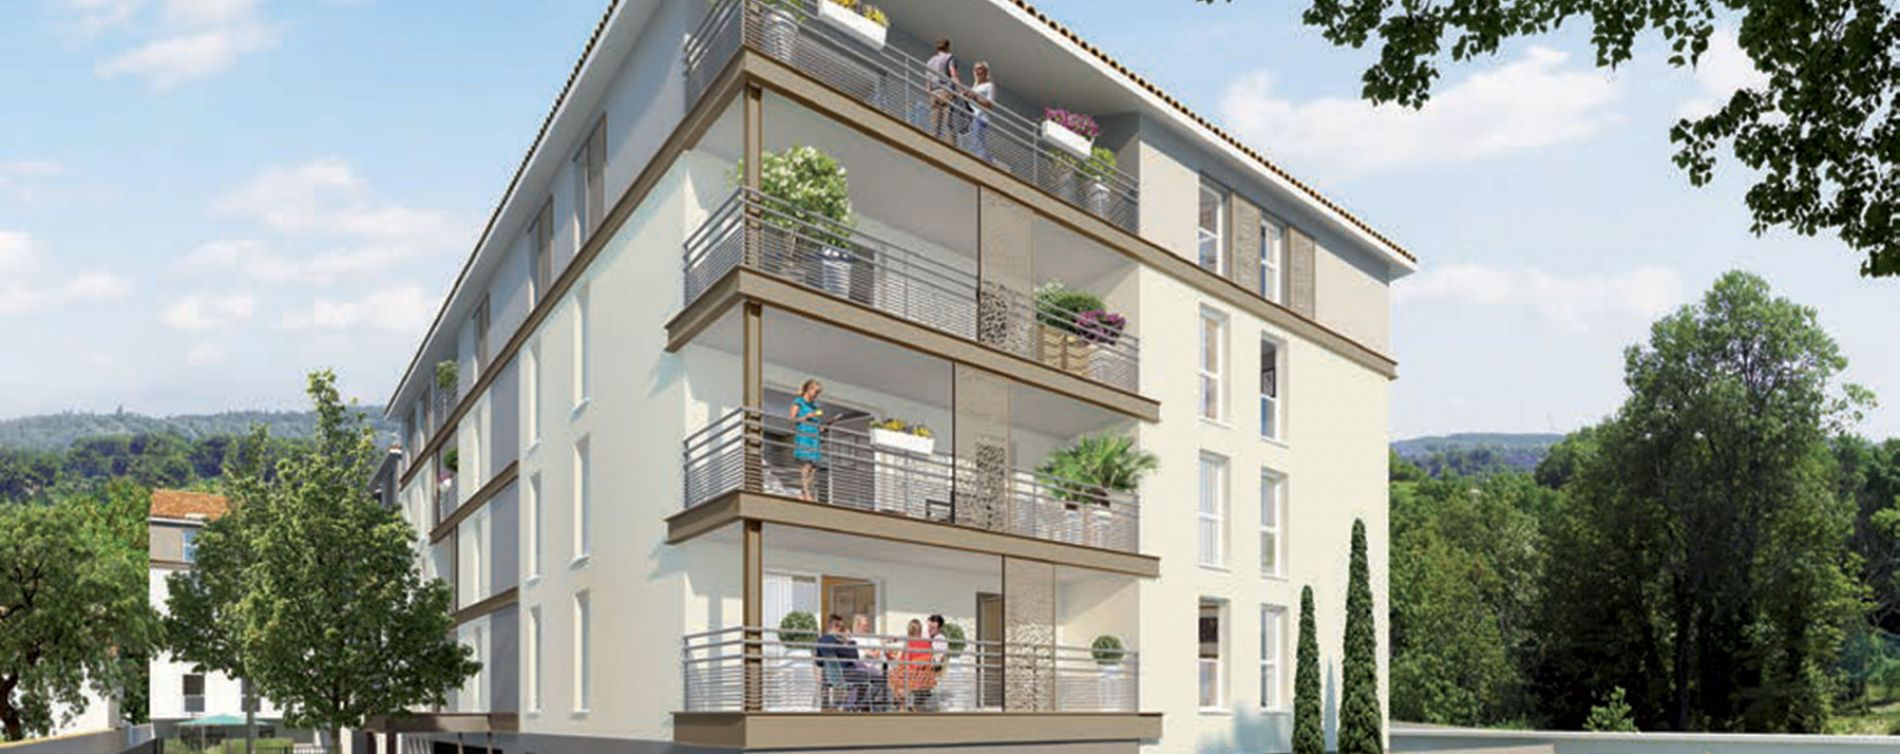 Résidence Les Balcons du Centre à Chasse-sur-Rhône